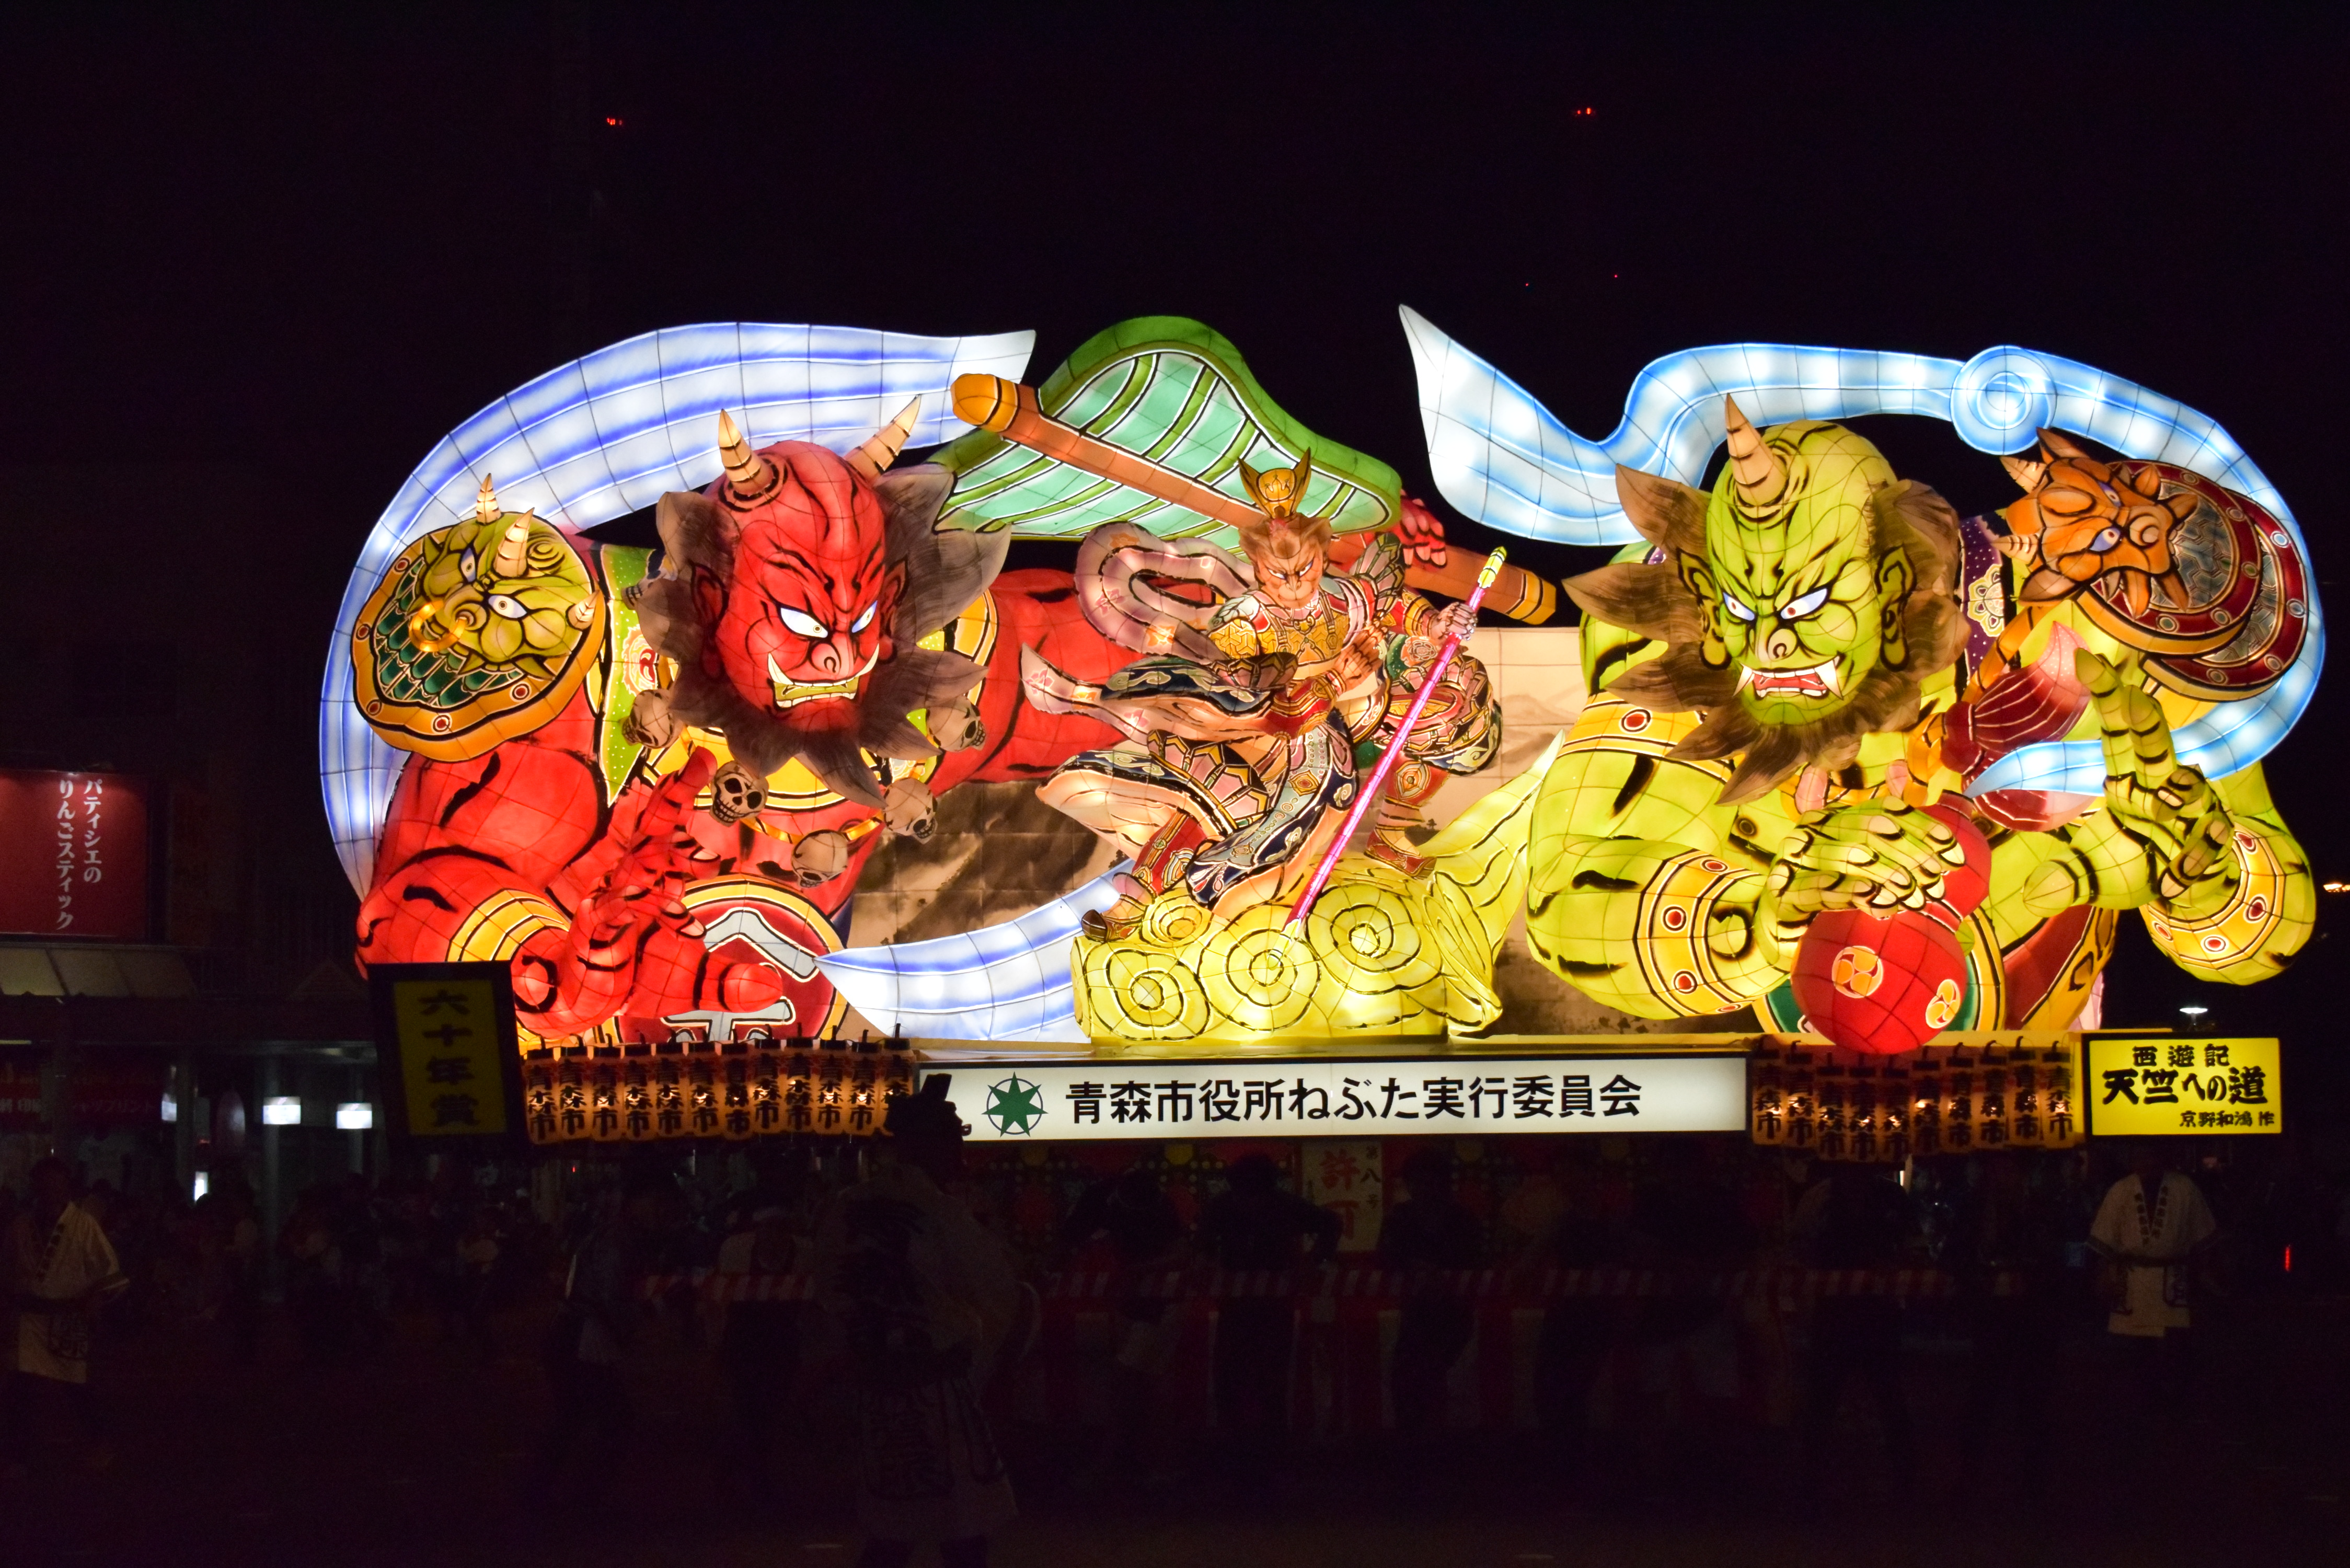 夜のよみうりランドで「ほたる観賞会」聖地公園内では「青森ねぶた」の展示も【稲城市・川崎市】